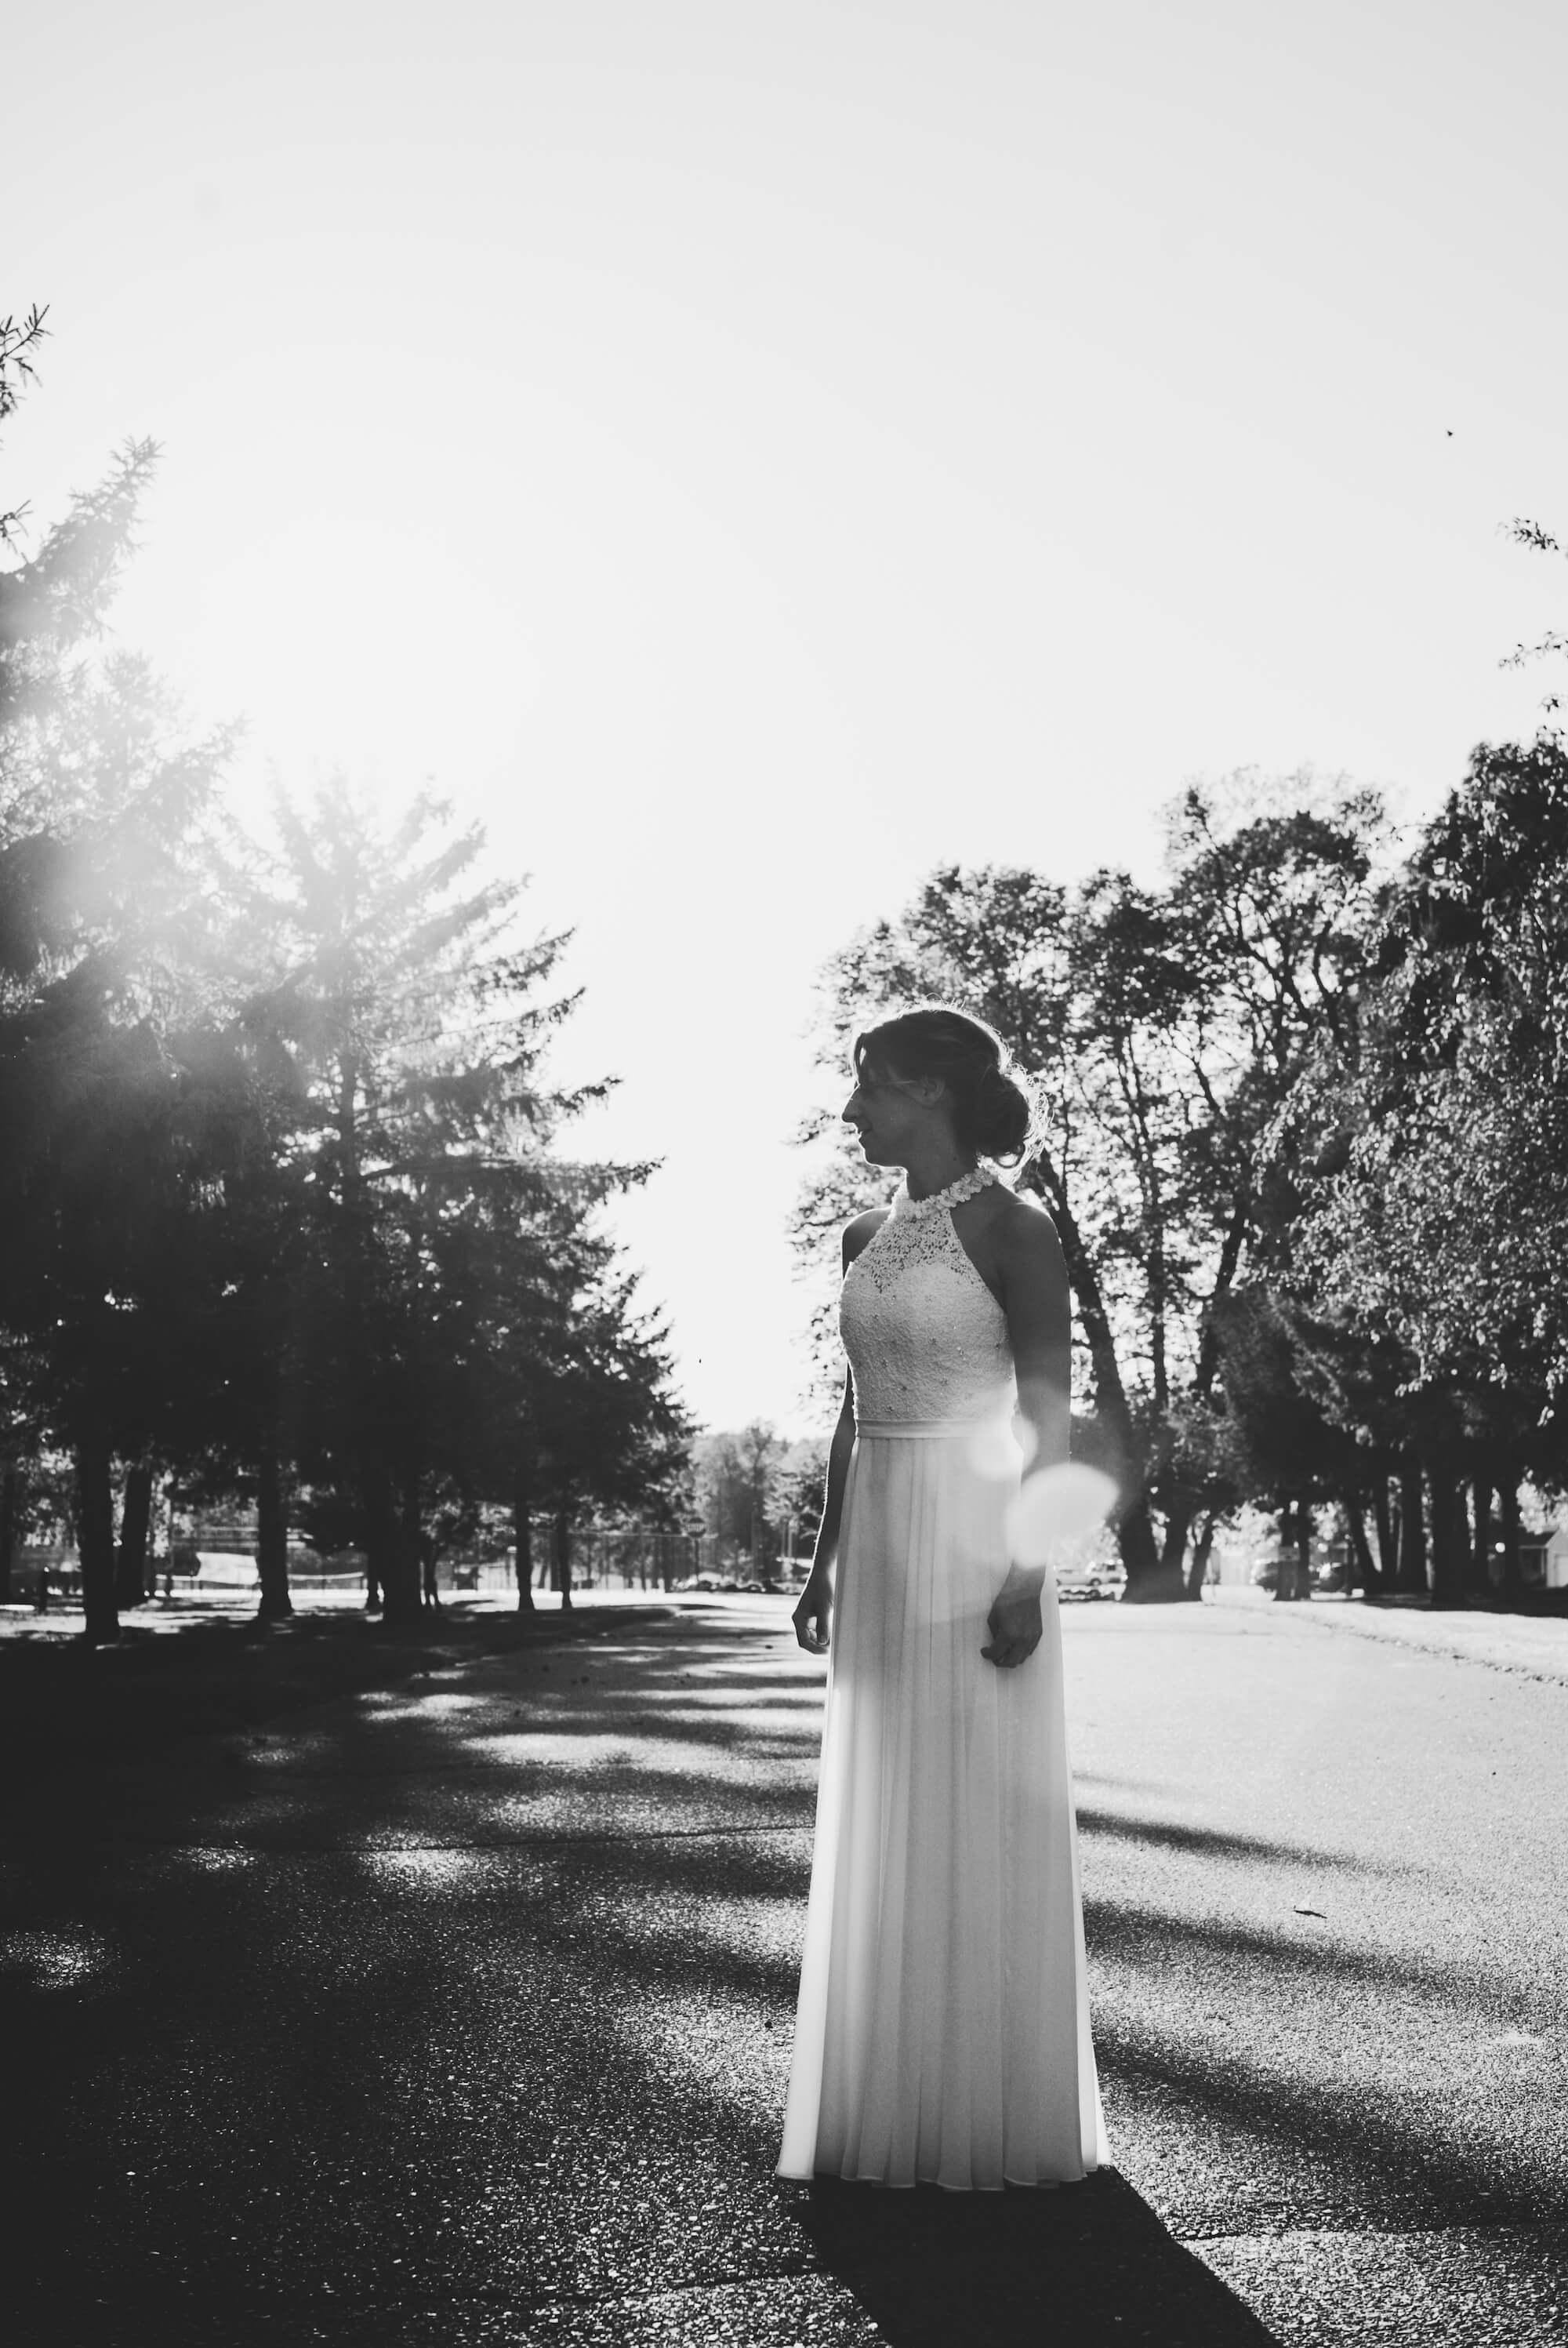 engle-olson-tammy-marc-wedding-33.jpg